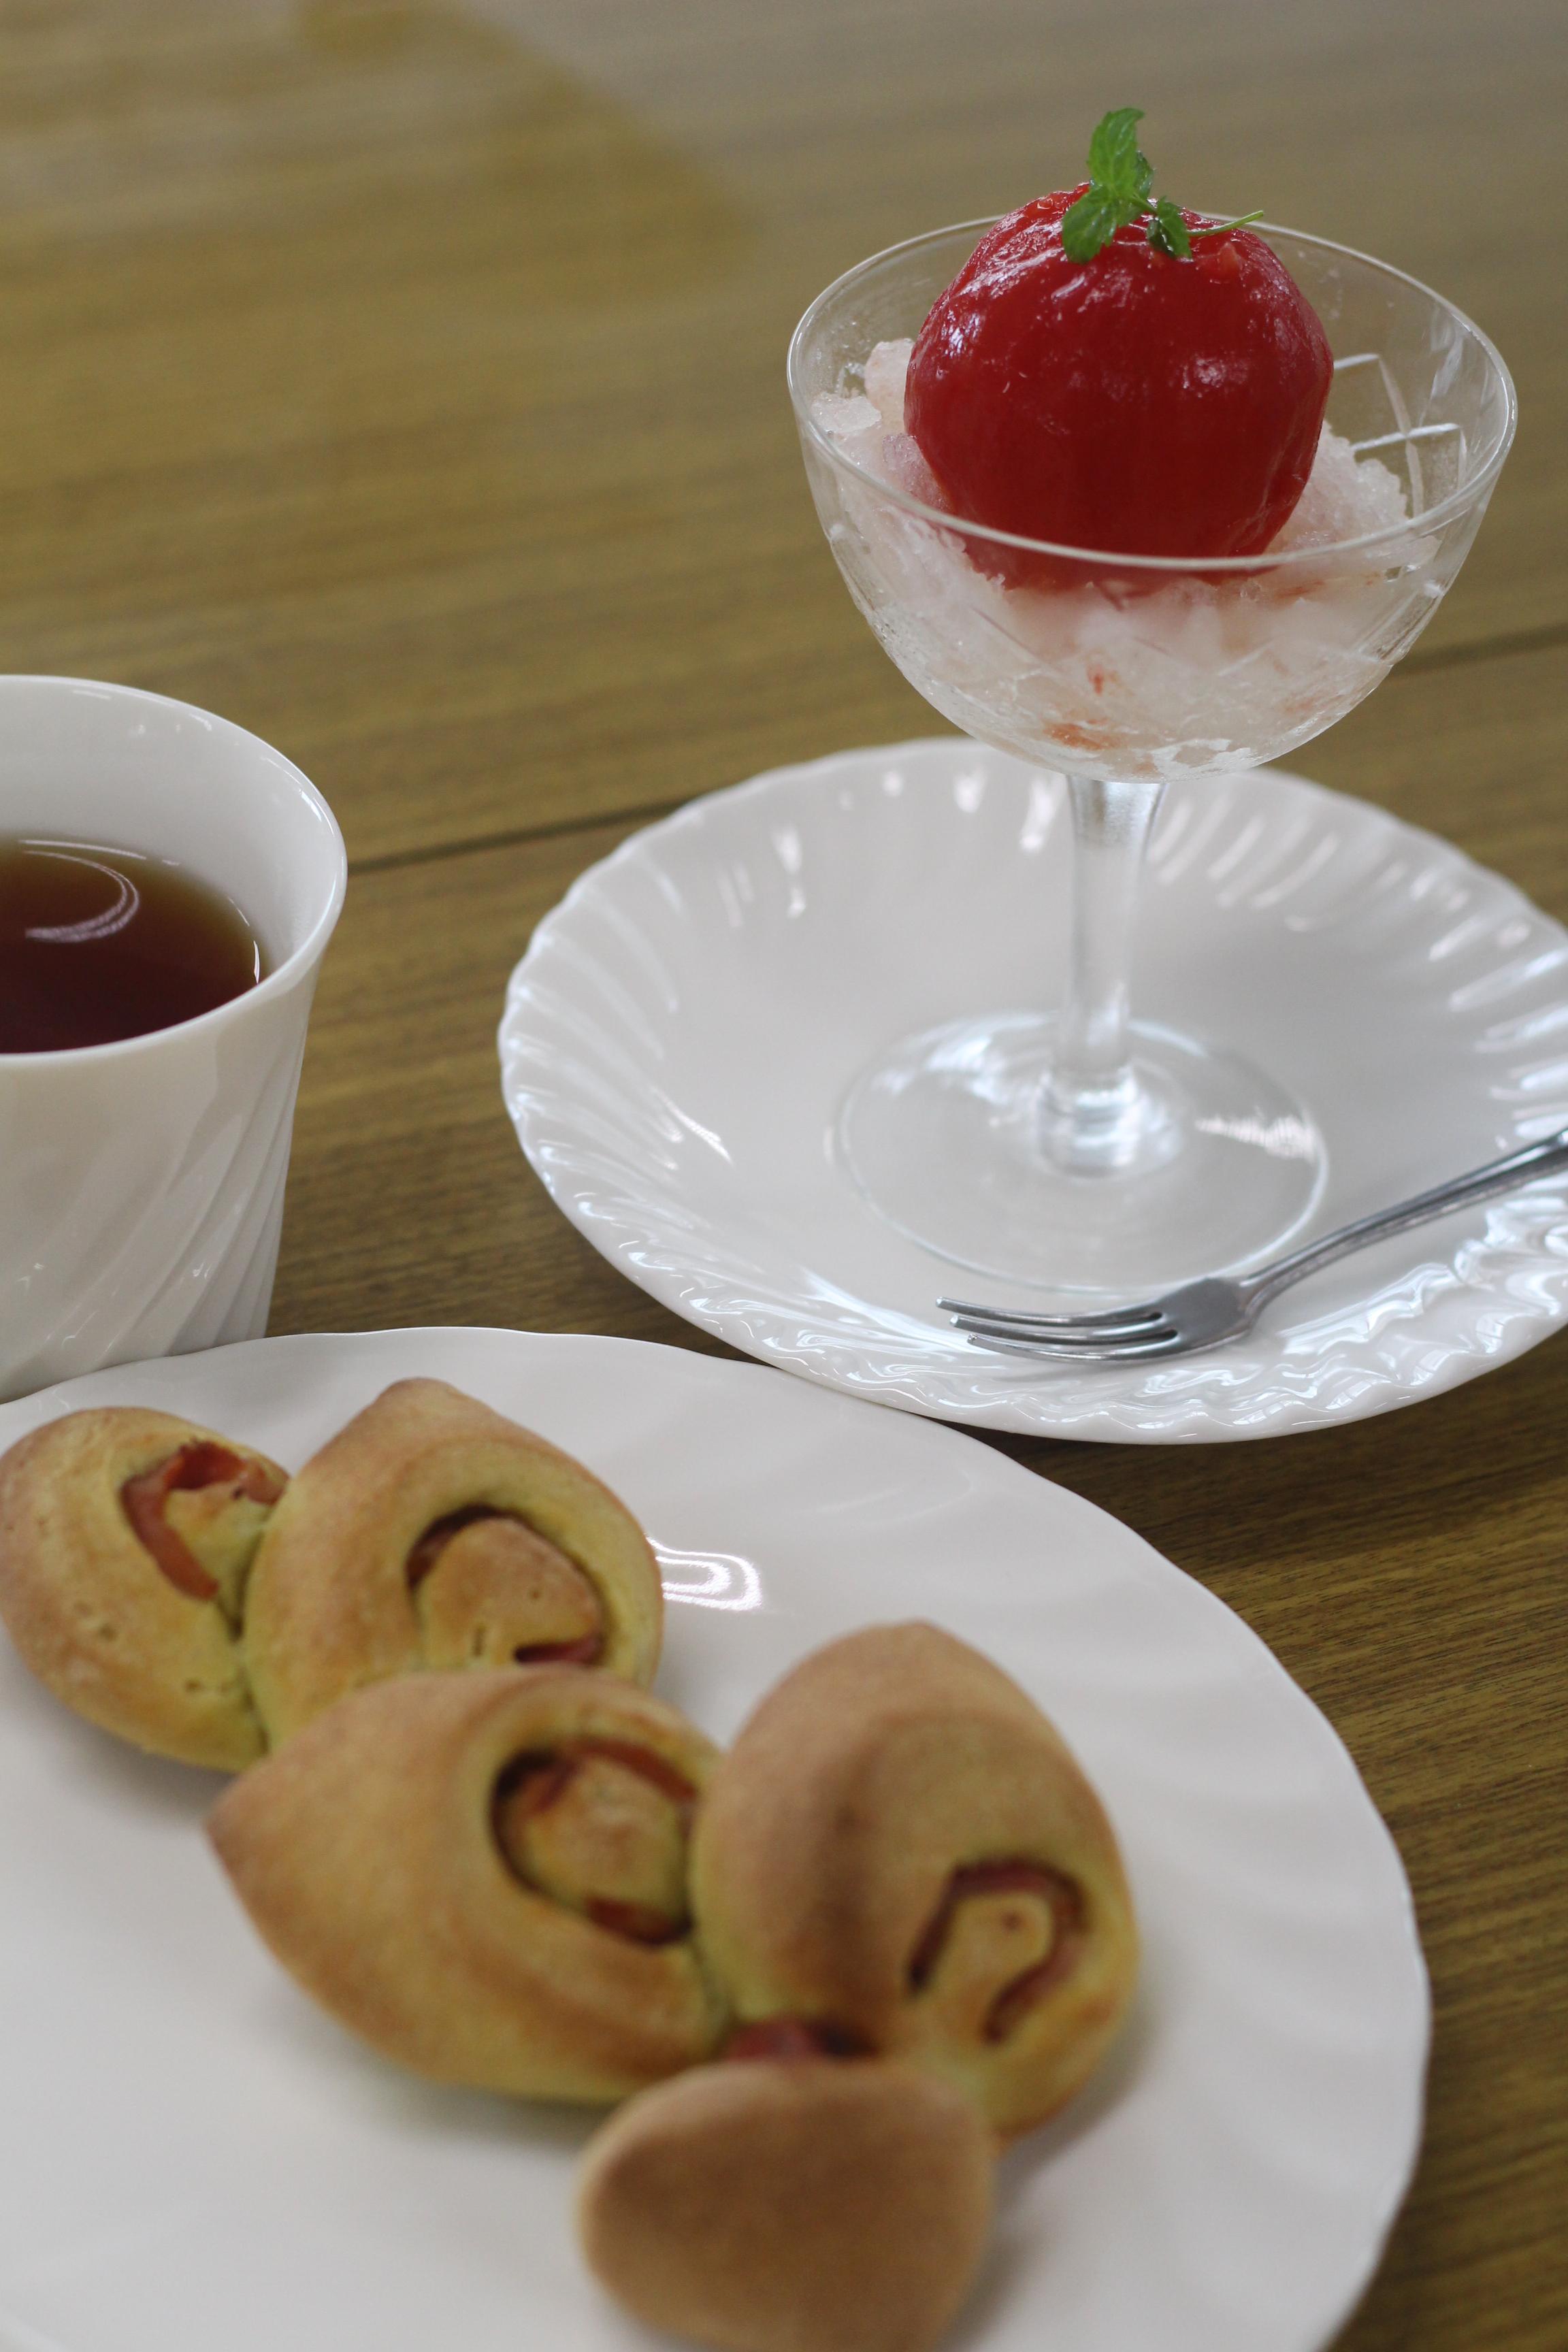 会館でのレッスン『カレーエピ』a-ta-sante糖質制限パン料理教室、阿倍野区西田辺。